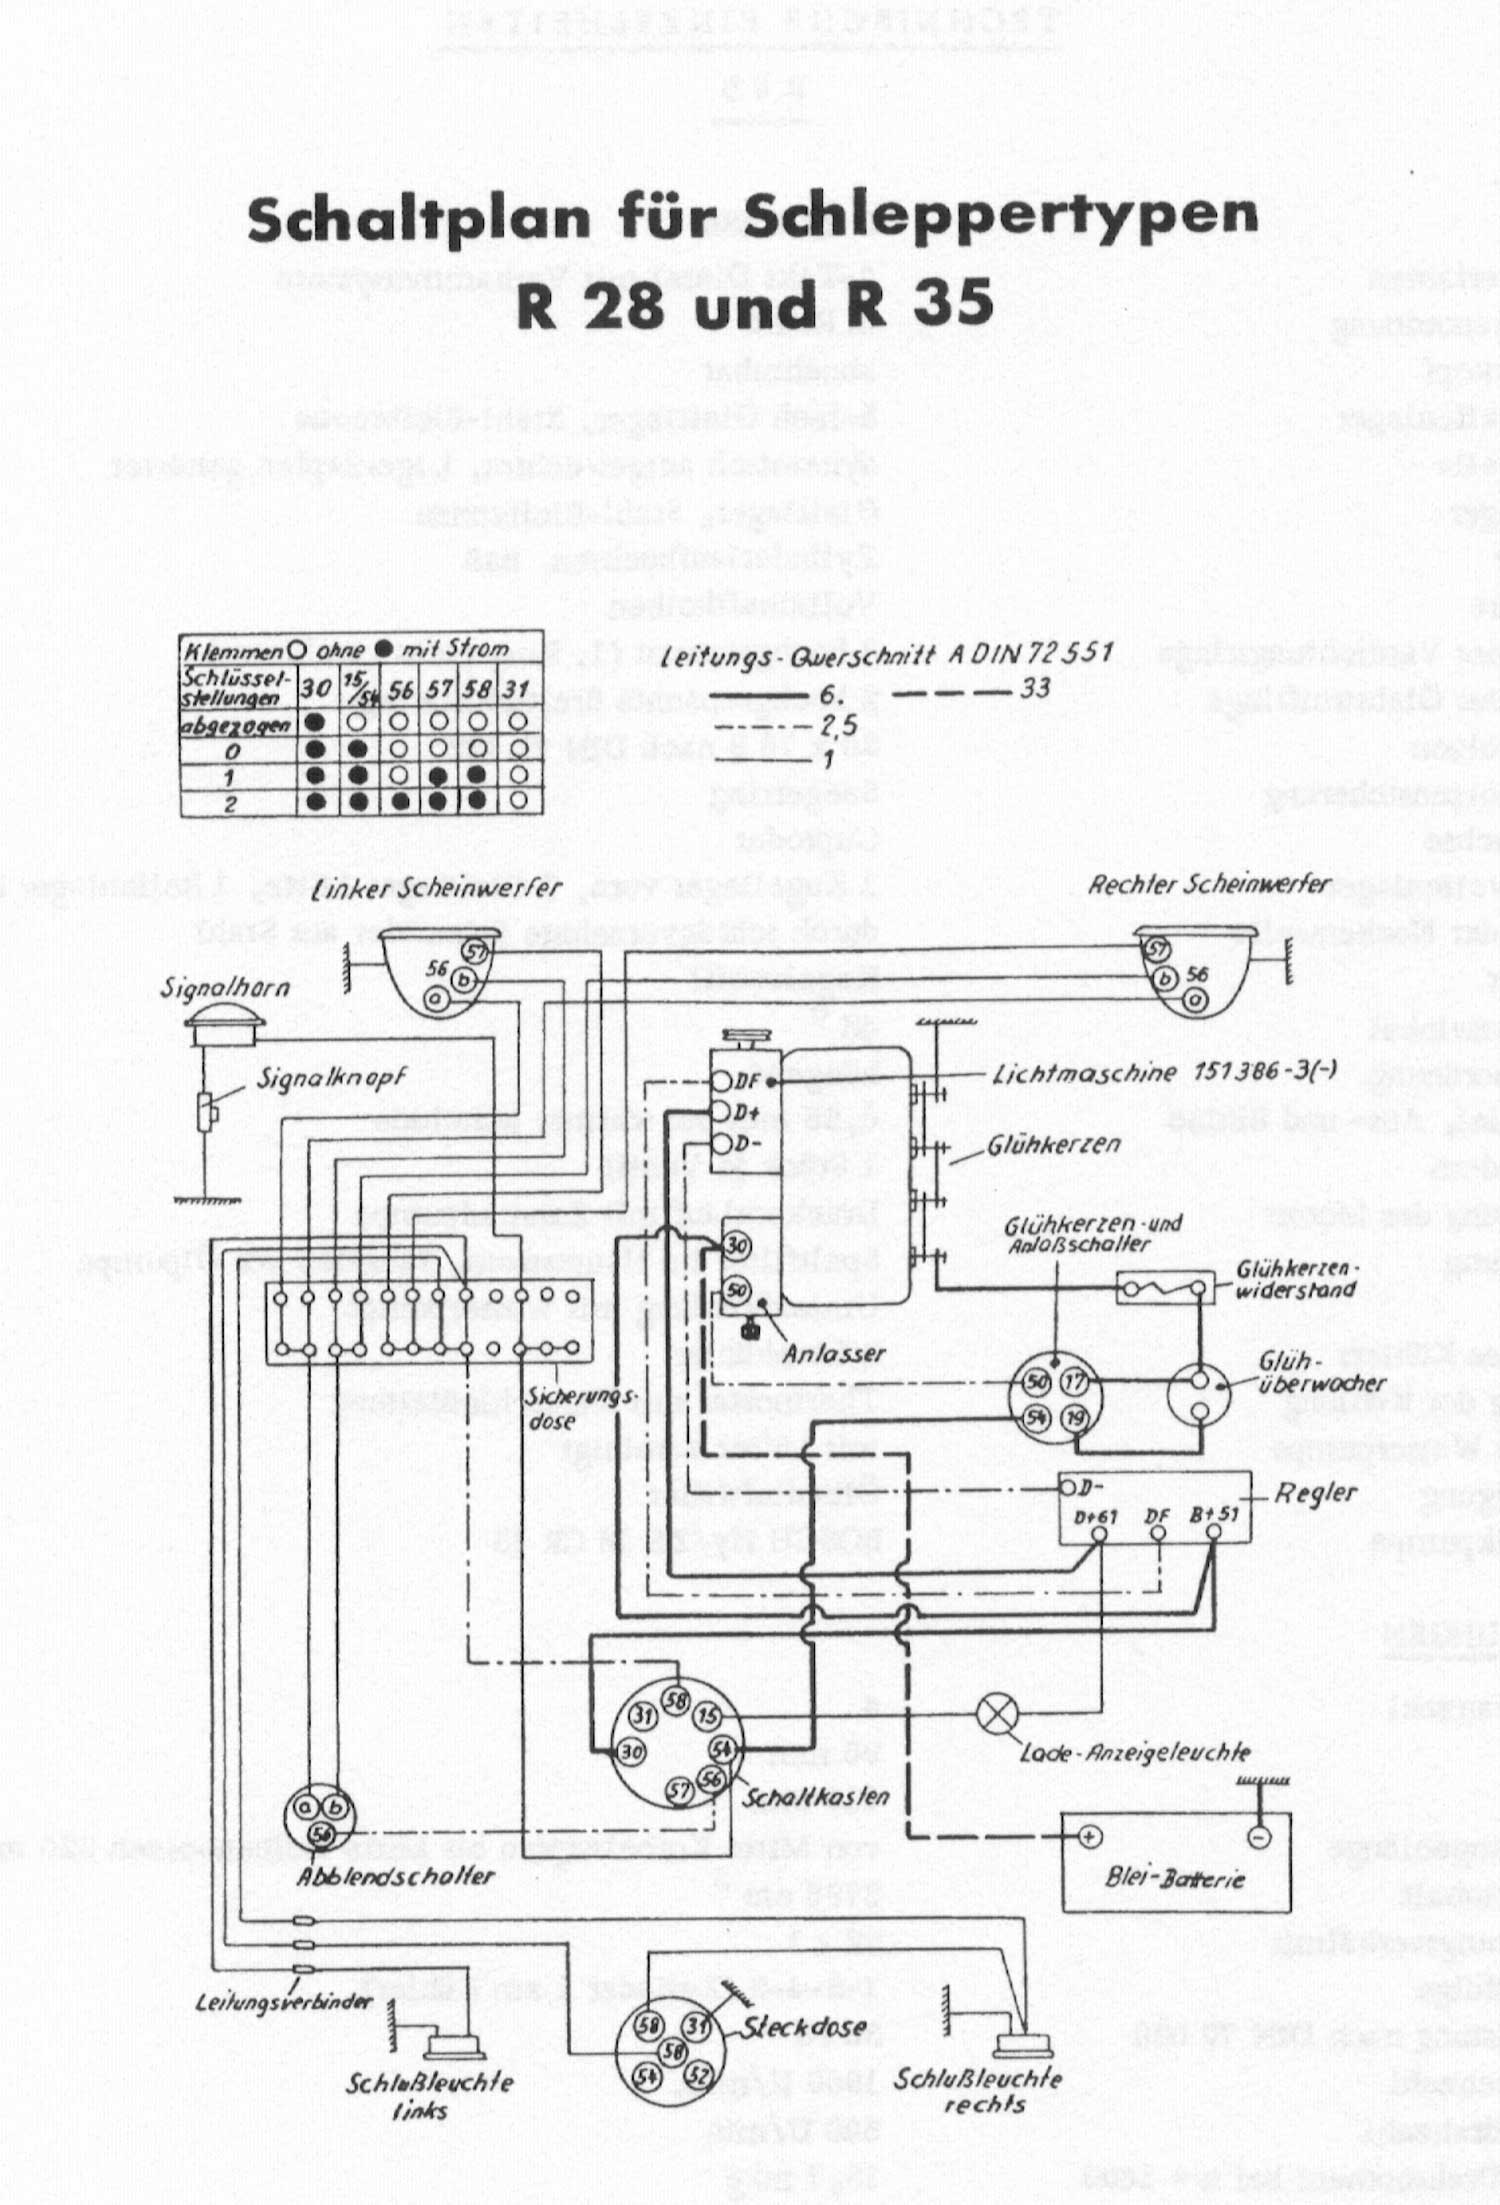 Berühmt Bosch Spannungsregler Schaltplan Zeitgenössisch - Der ...